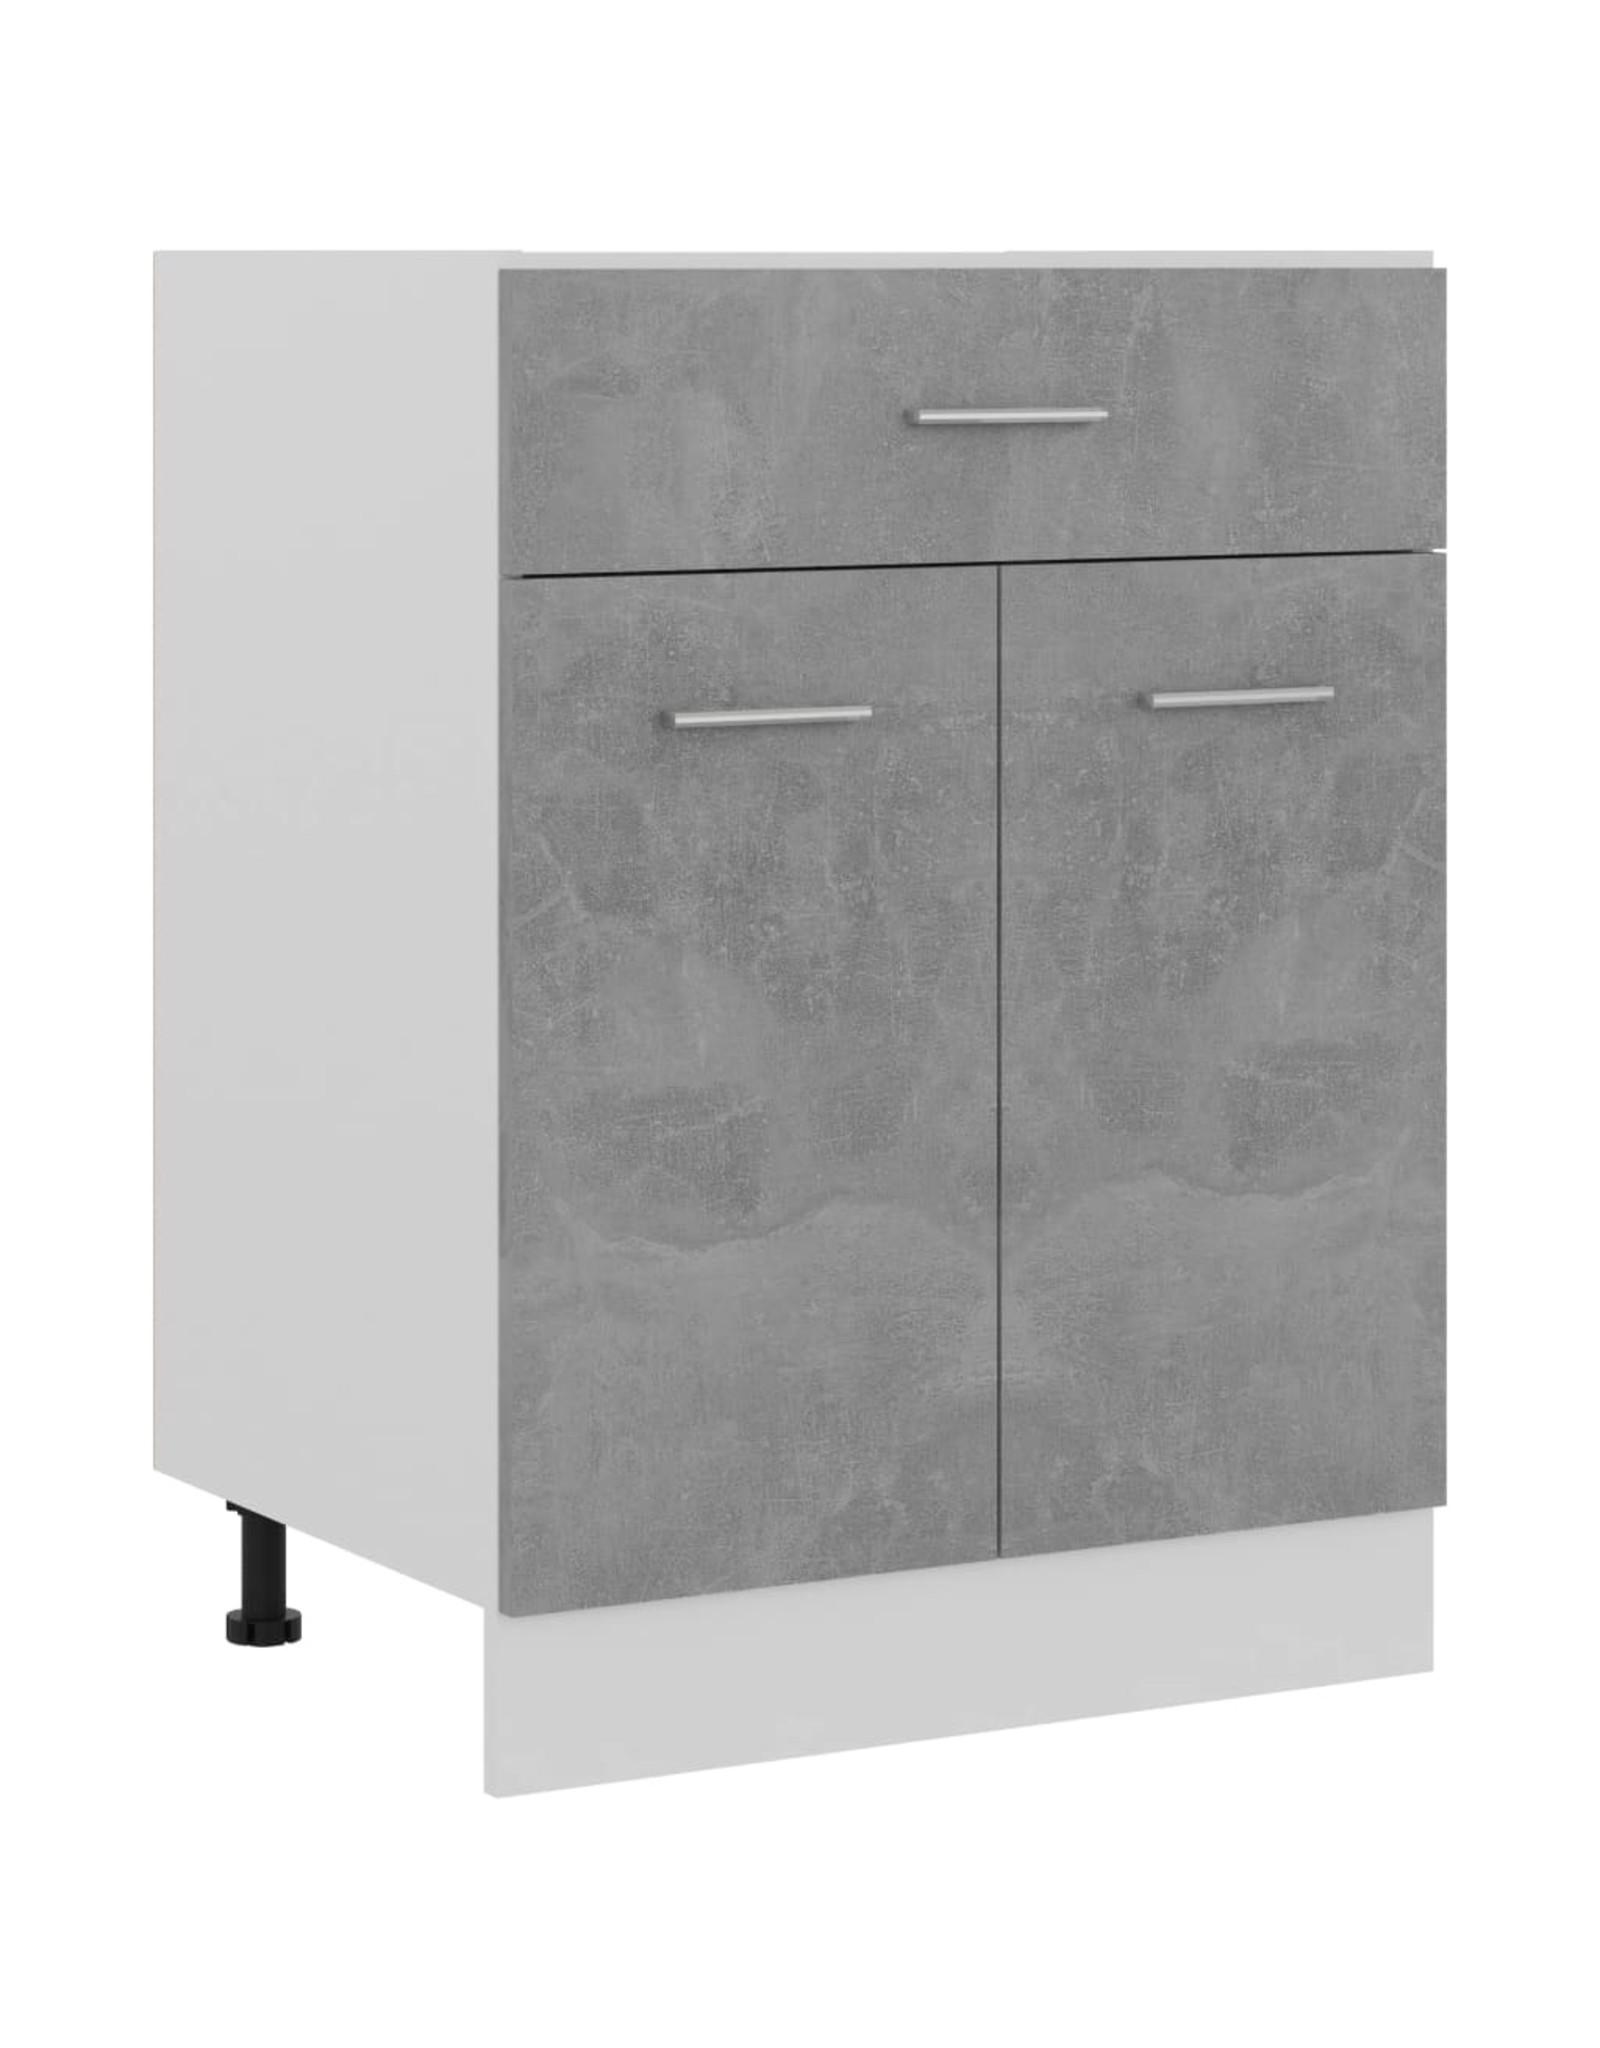 Onderkast met lade 60x46x81,5 cm spaanplaat betongrijs